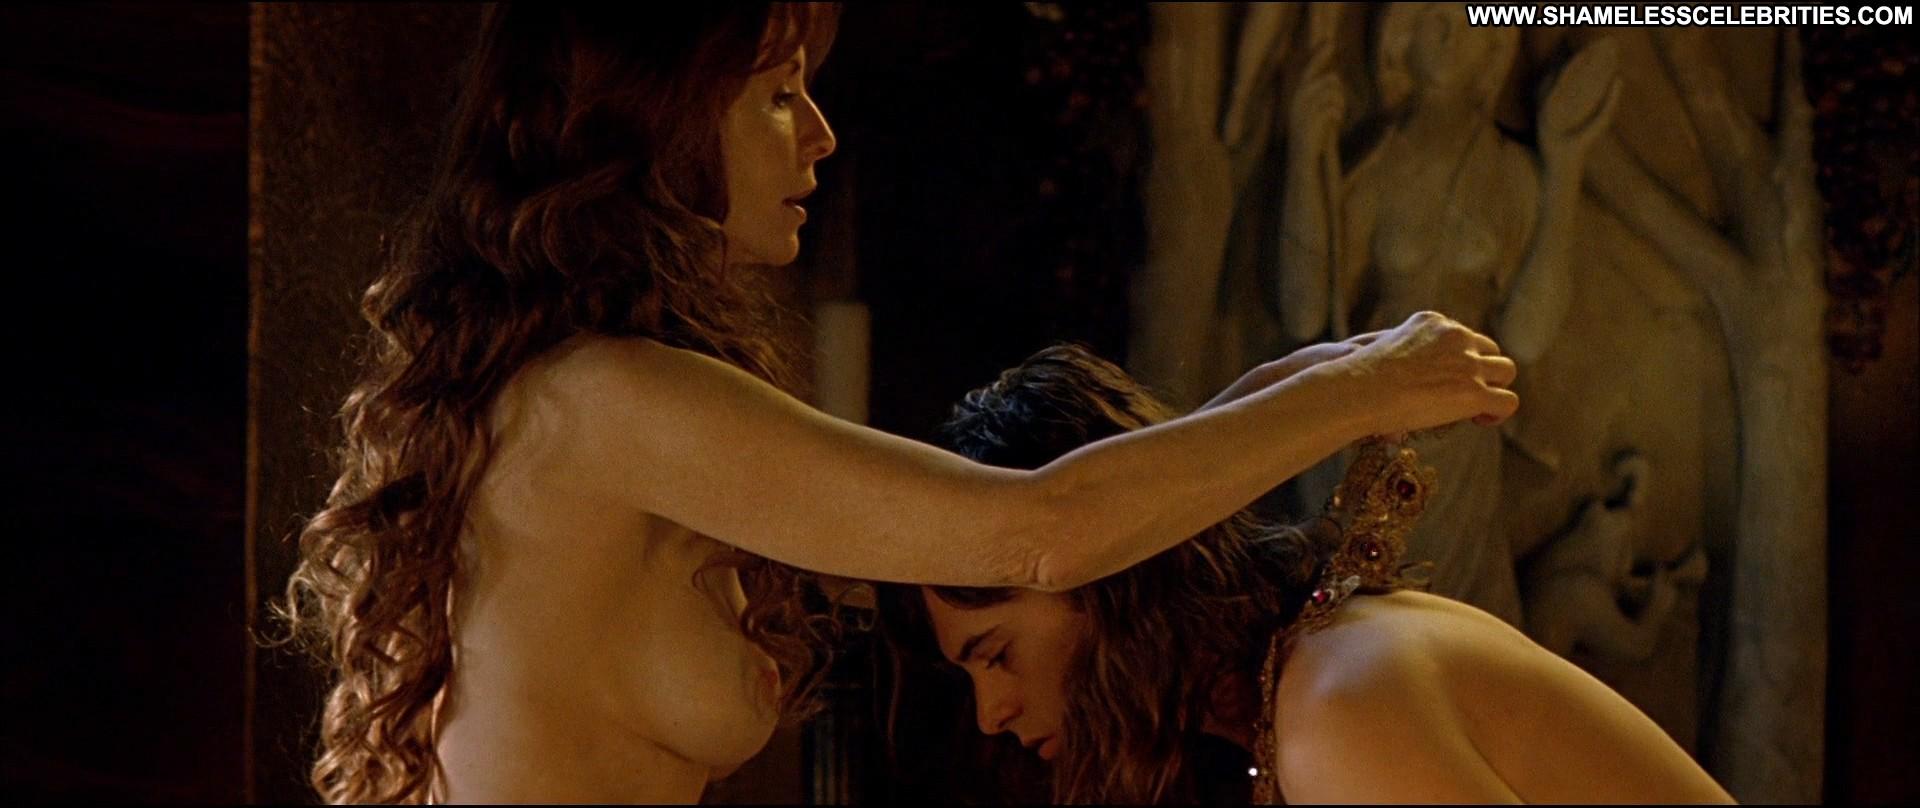 Hot Nude 91